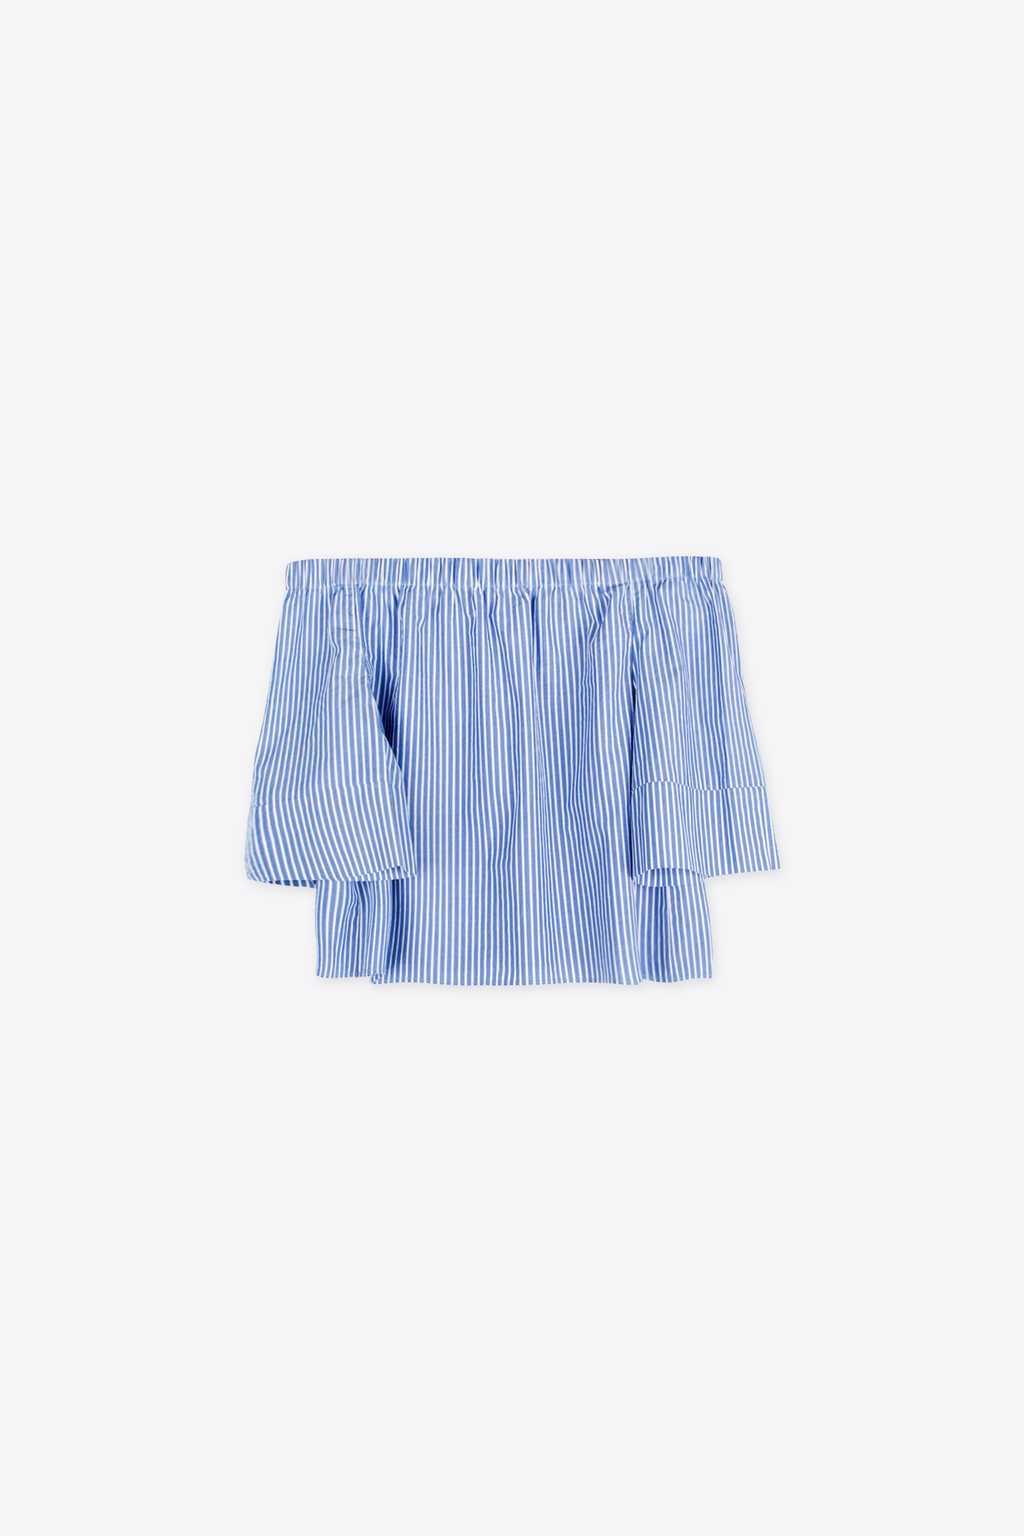 Blouse 1296 Blue 2